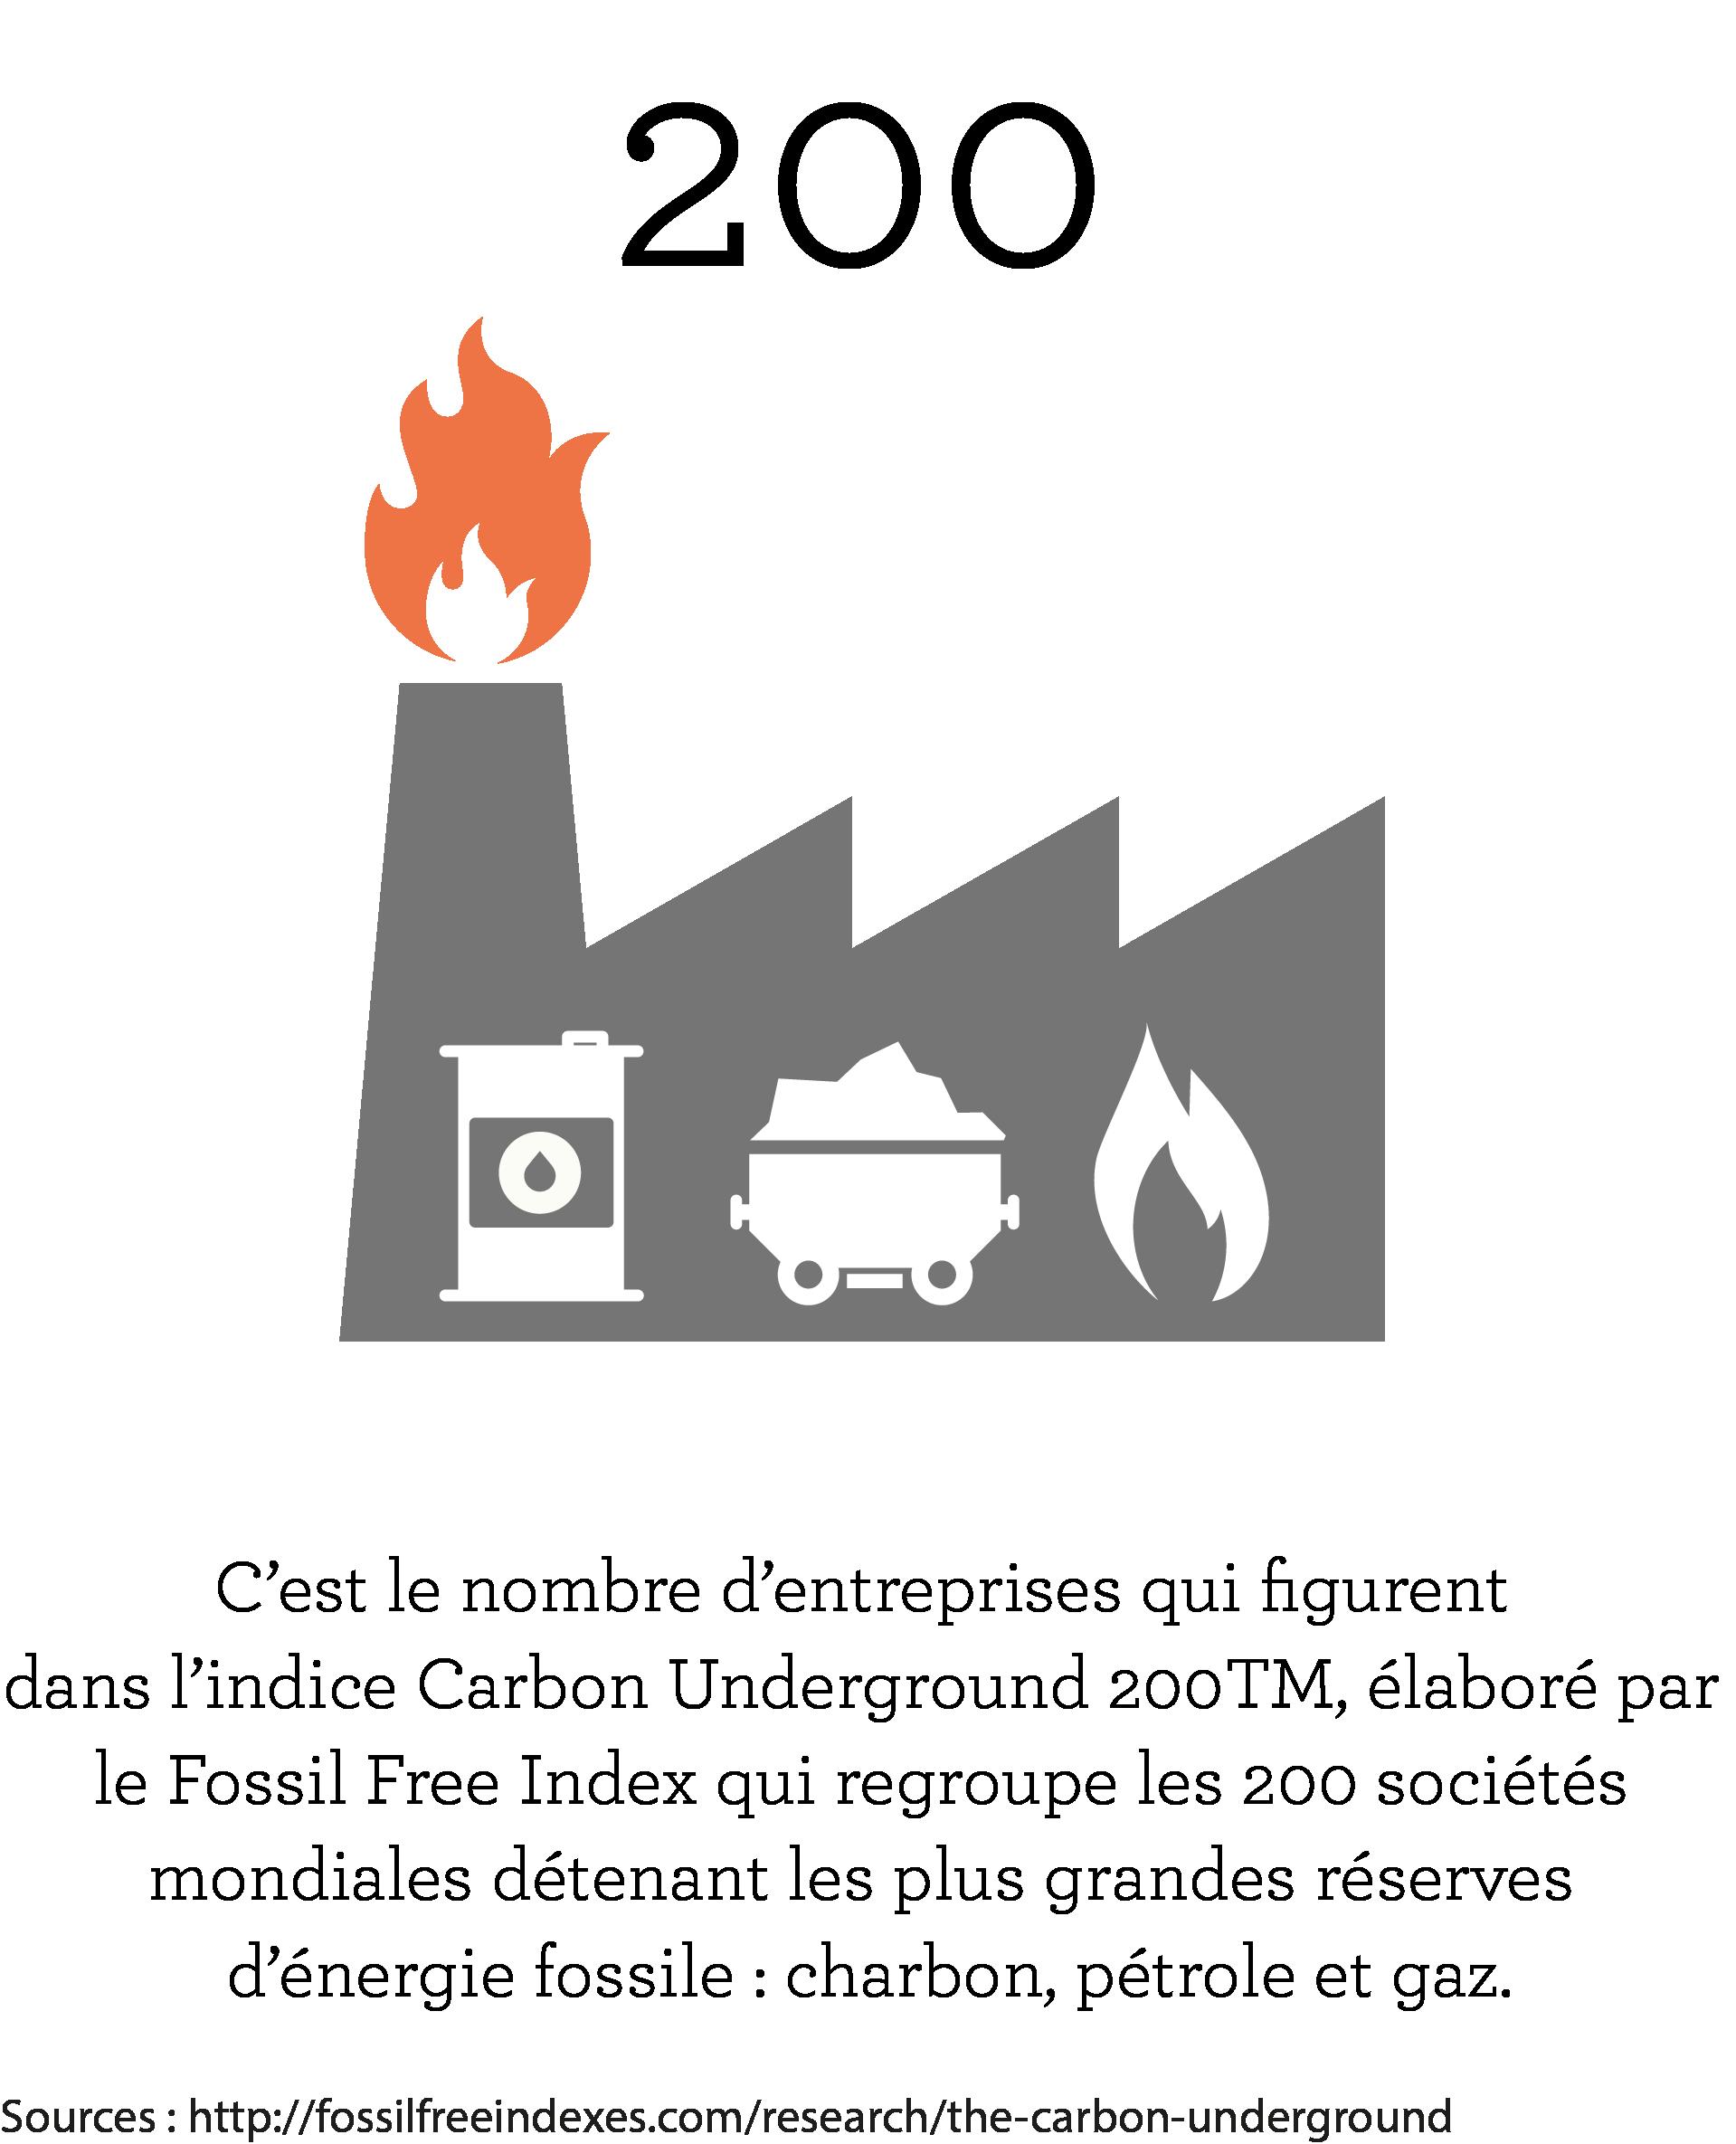 Producteurs de pétrole et de gaz ISRenergie fossile